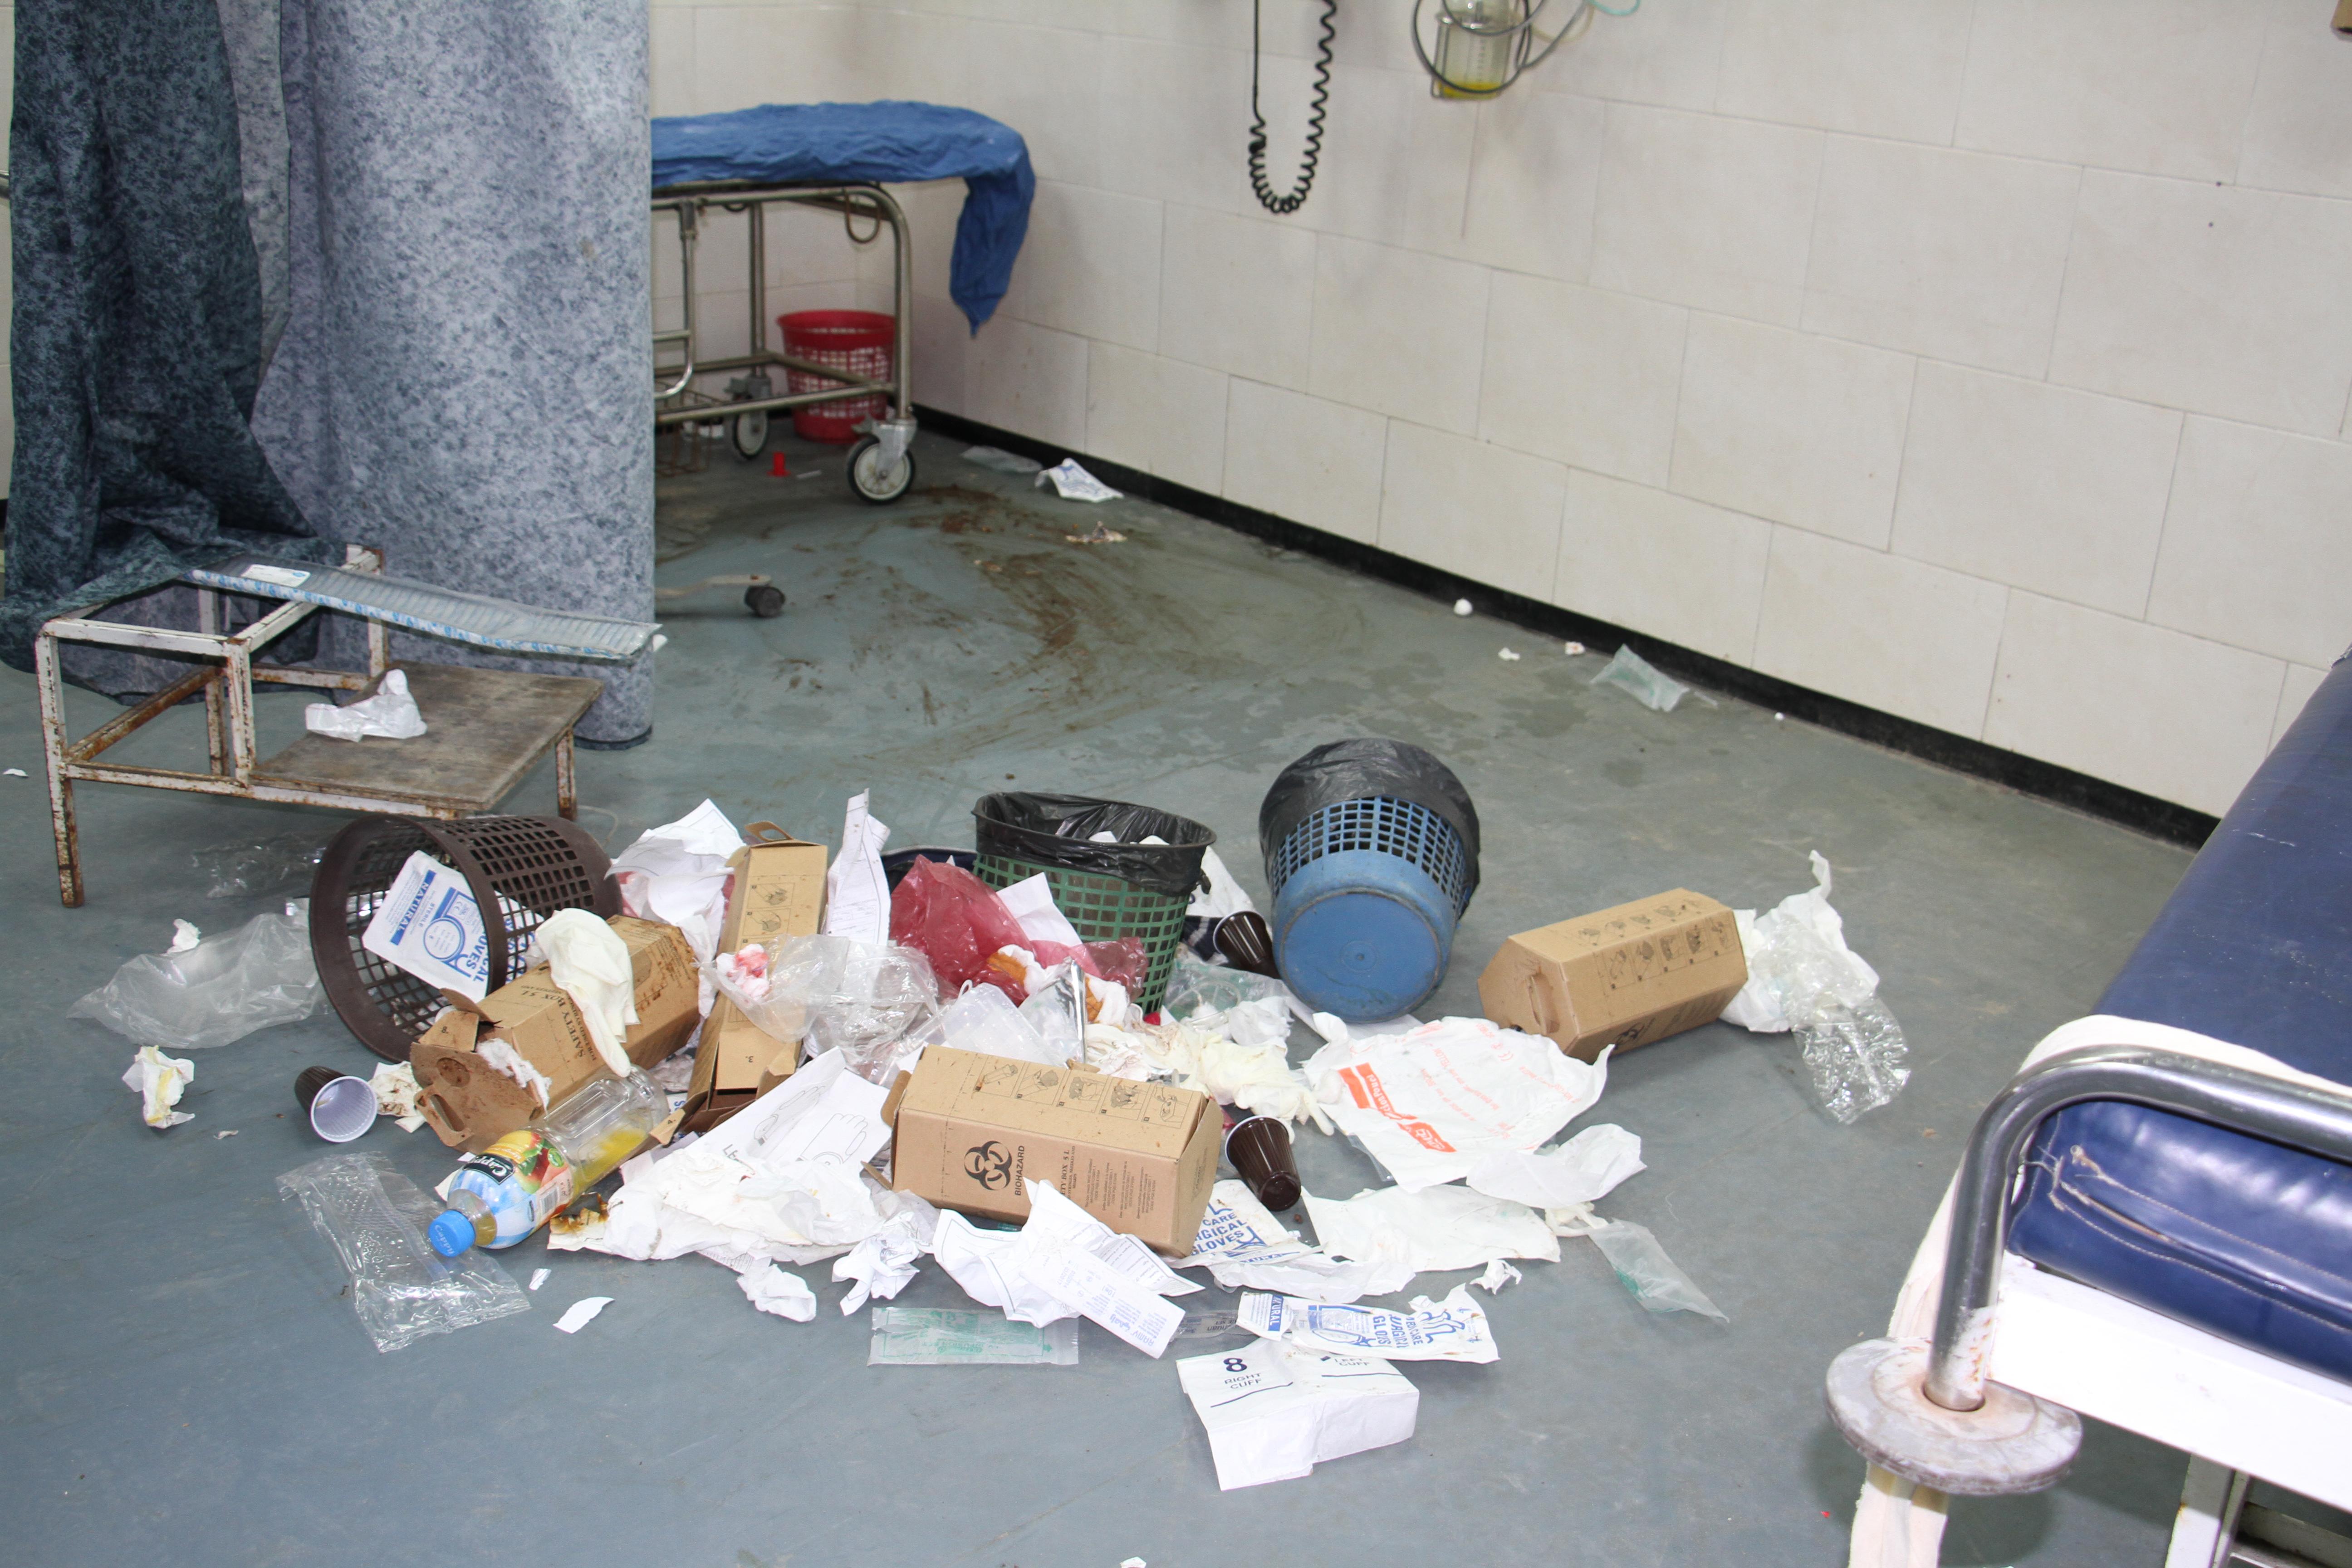 بدء انهيار منظومة العمل الصحي بمجمع الشفاء الطبي